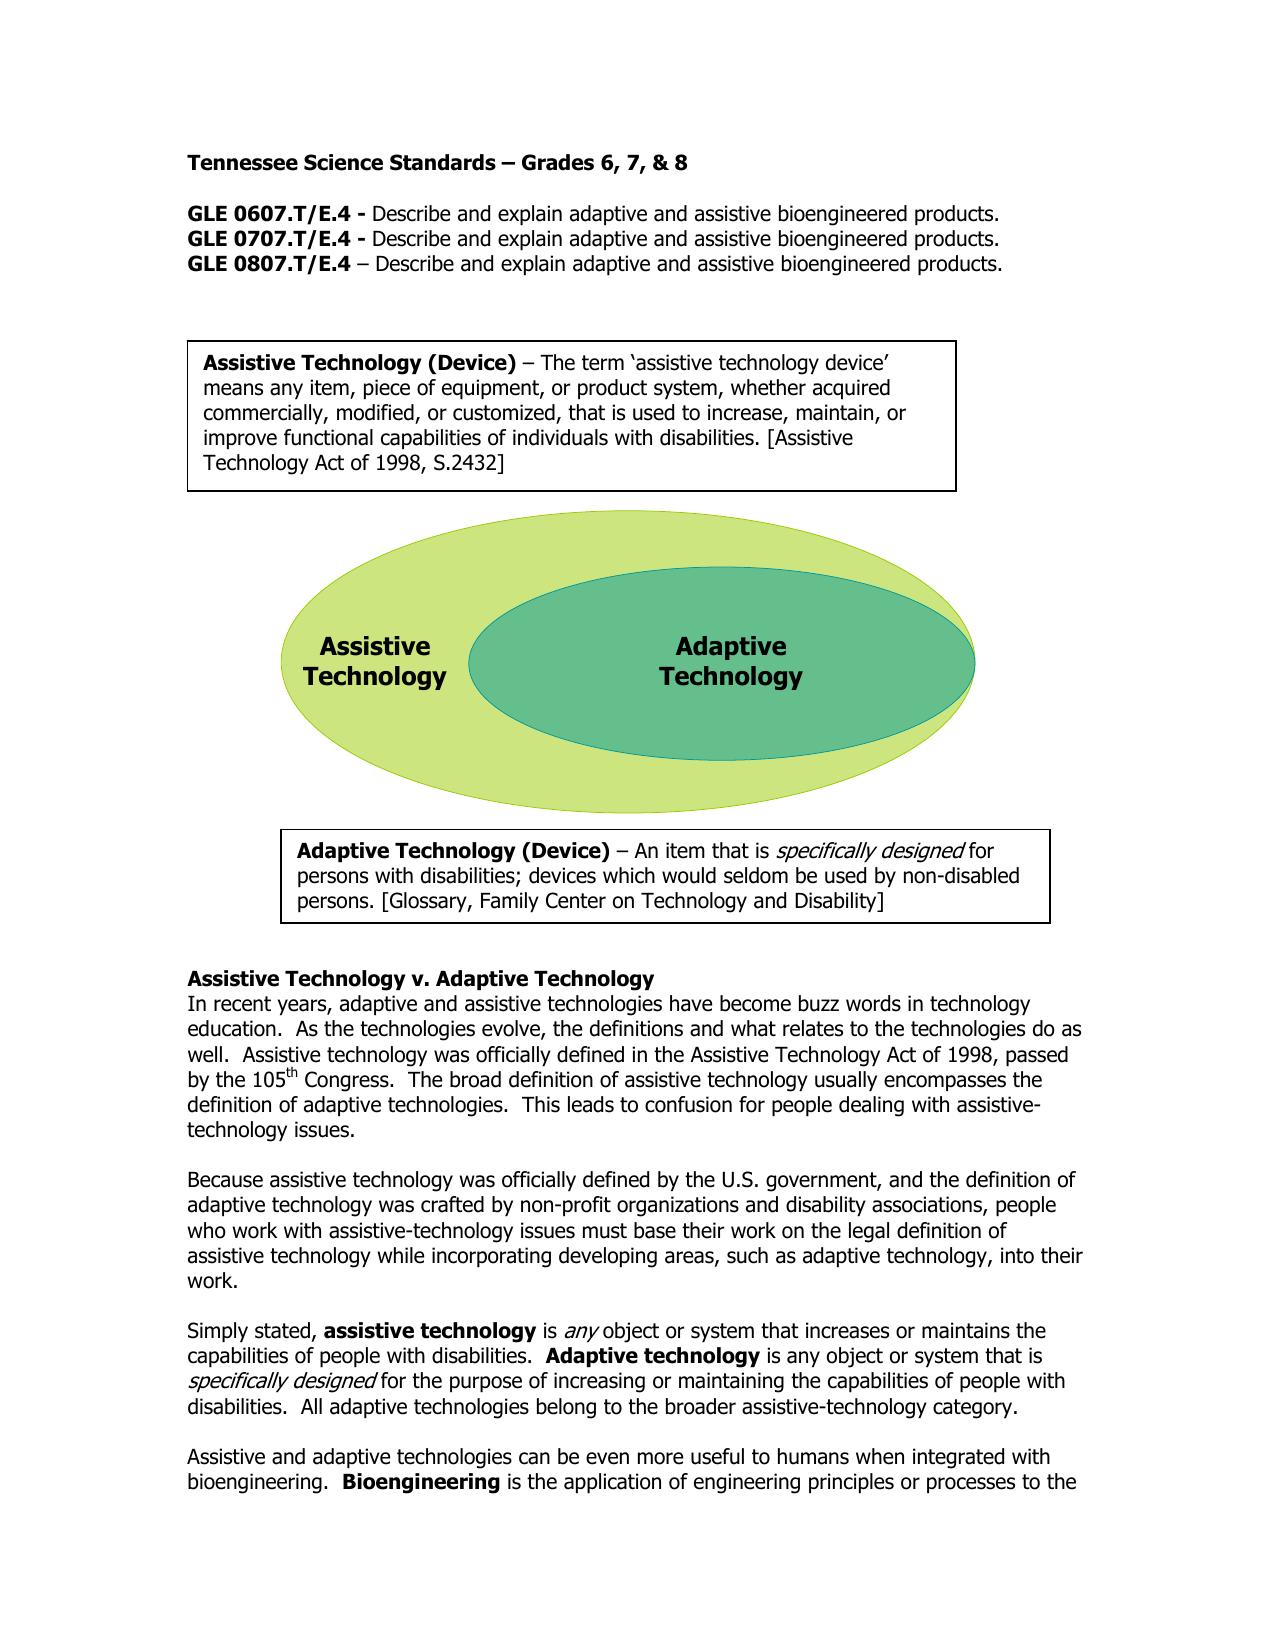 adaptive technology assistive technology